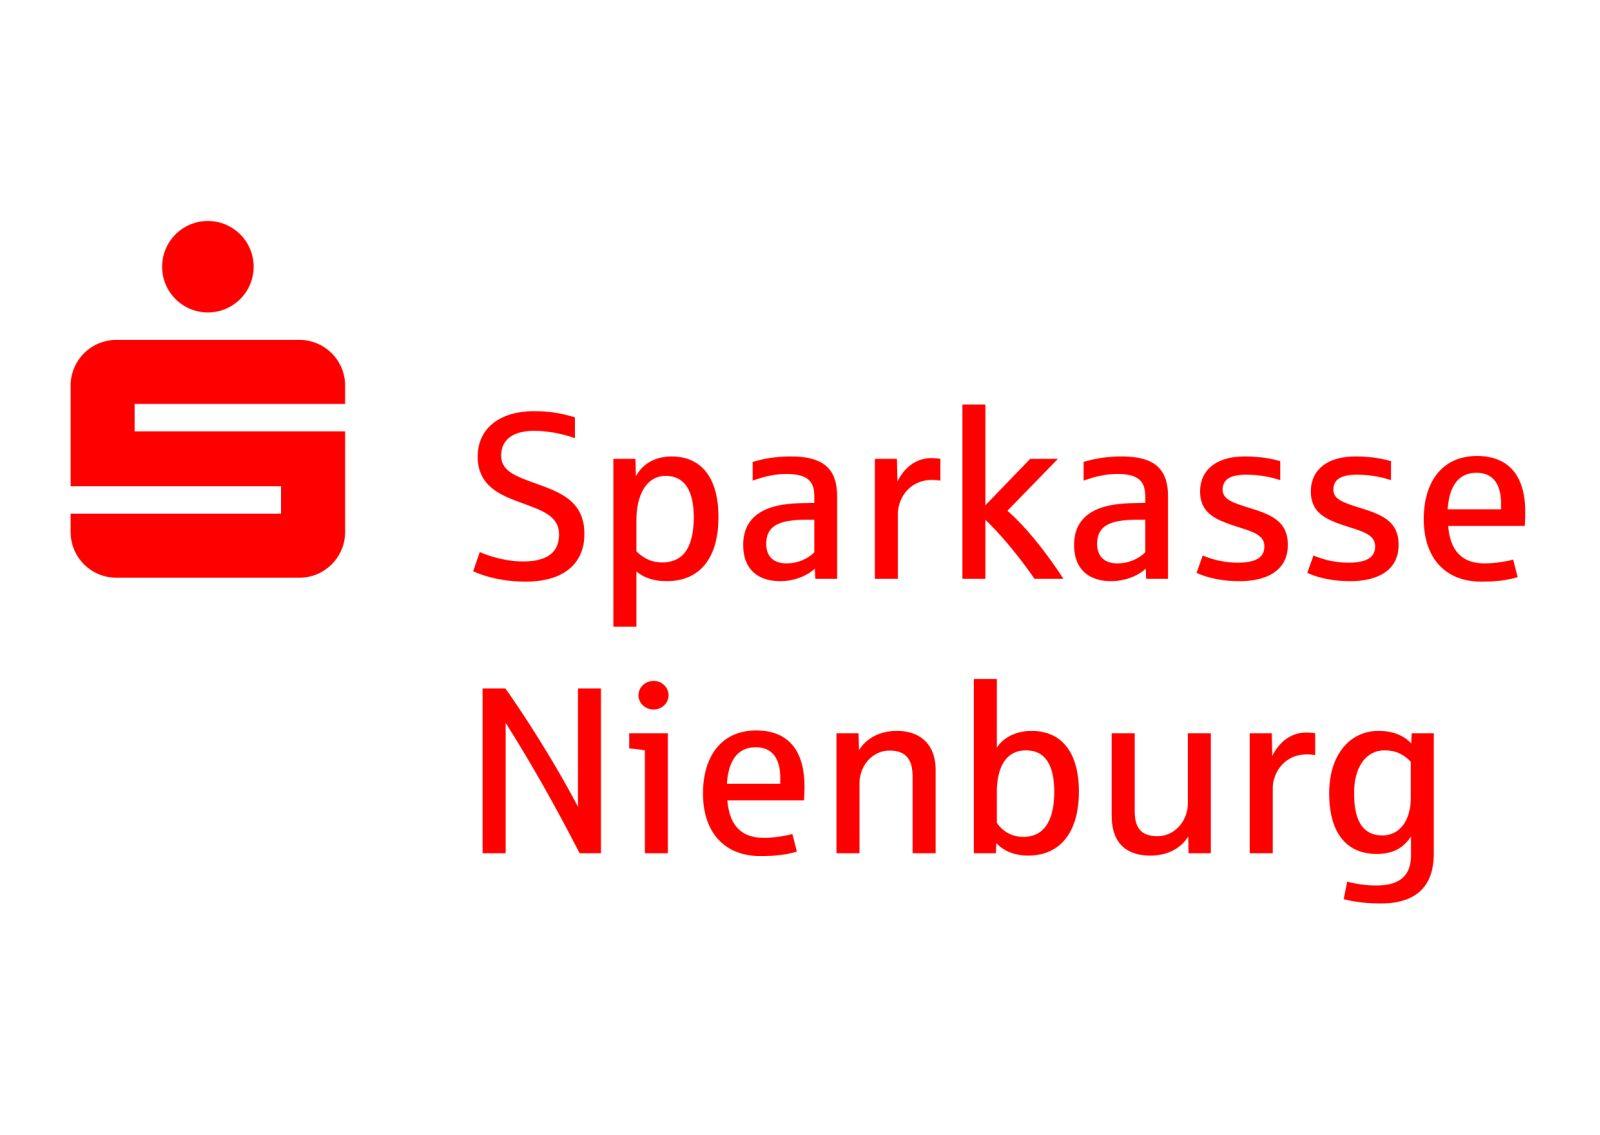 915140373_21501_logo_2013_sparkasse_nienburg_kleiner.jpg